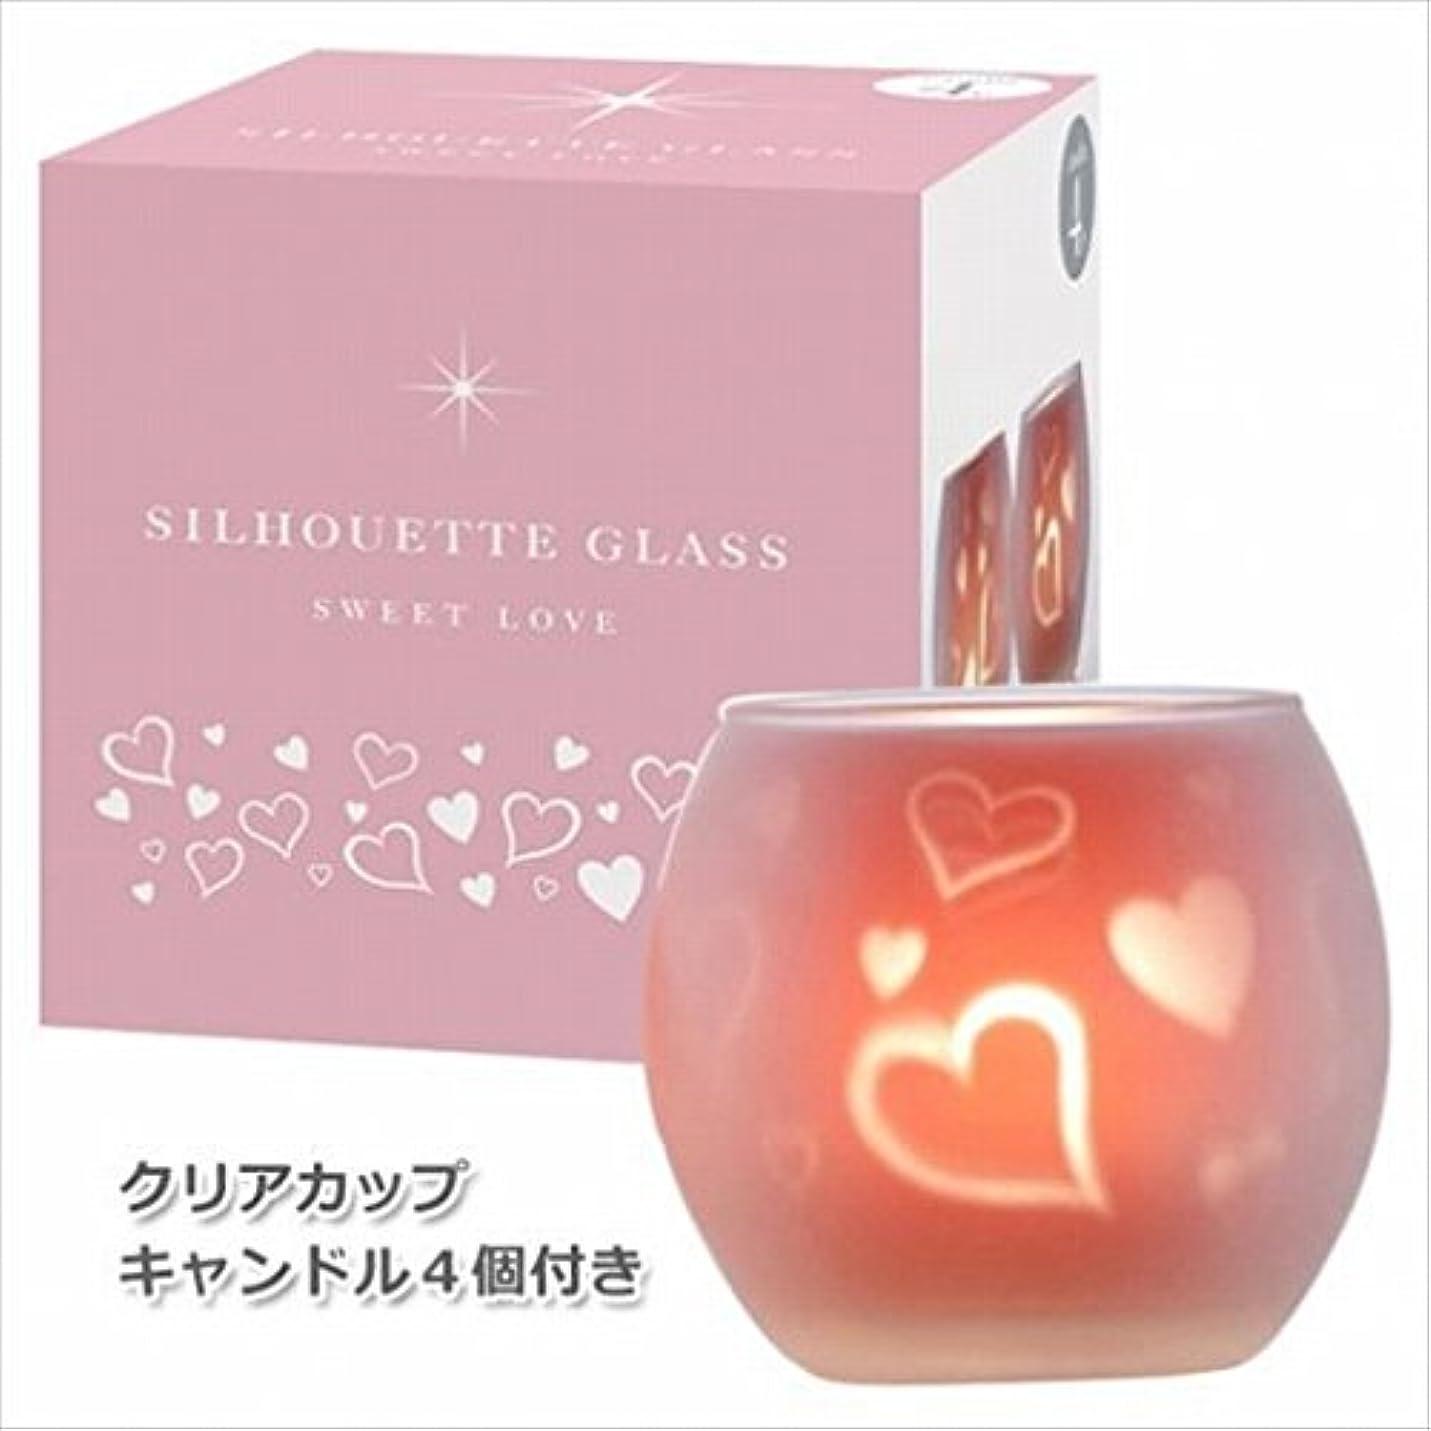 カメヤマキャンドル(kameyama candle) スウィートラブ2【キャンドル4個付き】 シルエットグラス